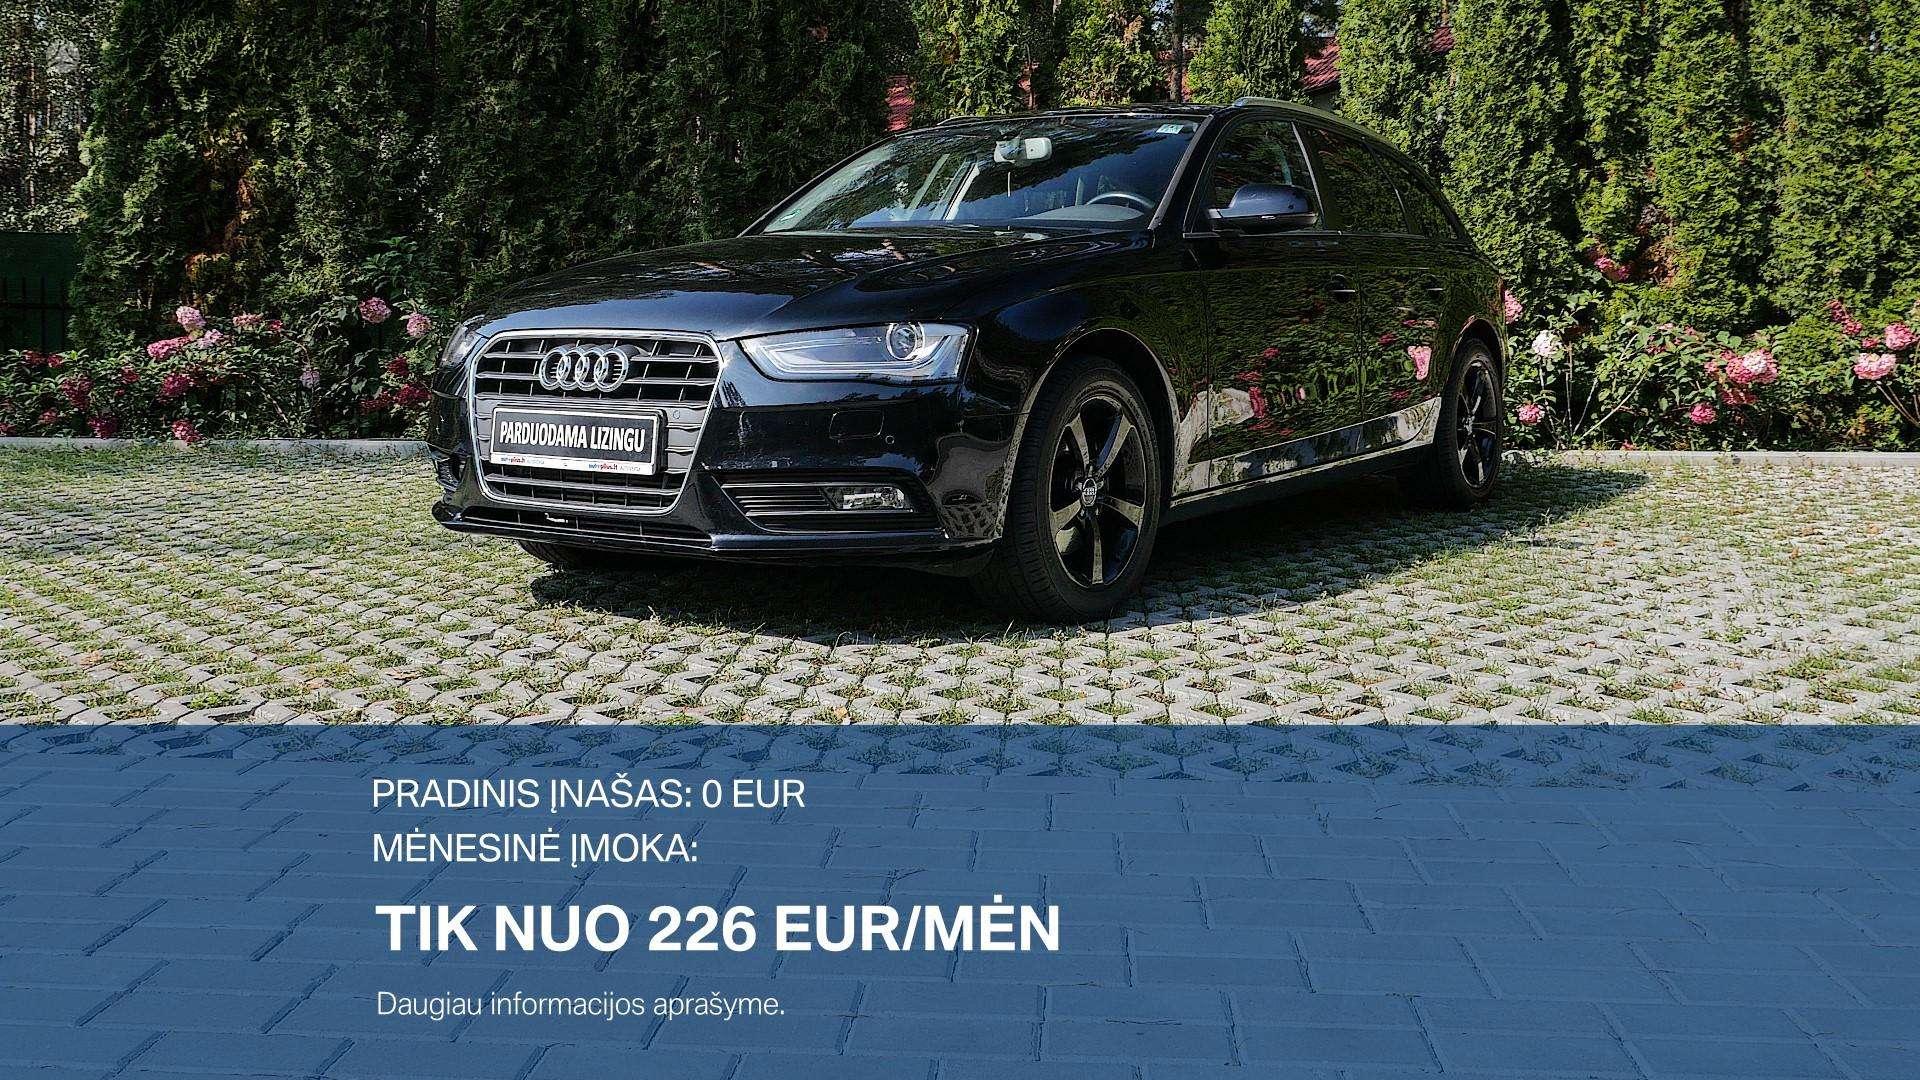 Audi A4 Išsimokėtinai nuo 226Eur/Mėn su 3 mėnesių garantija